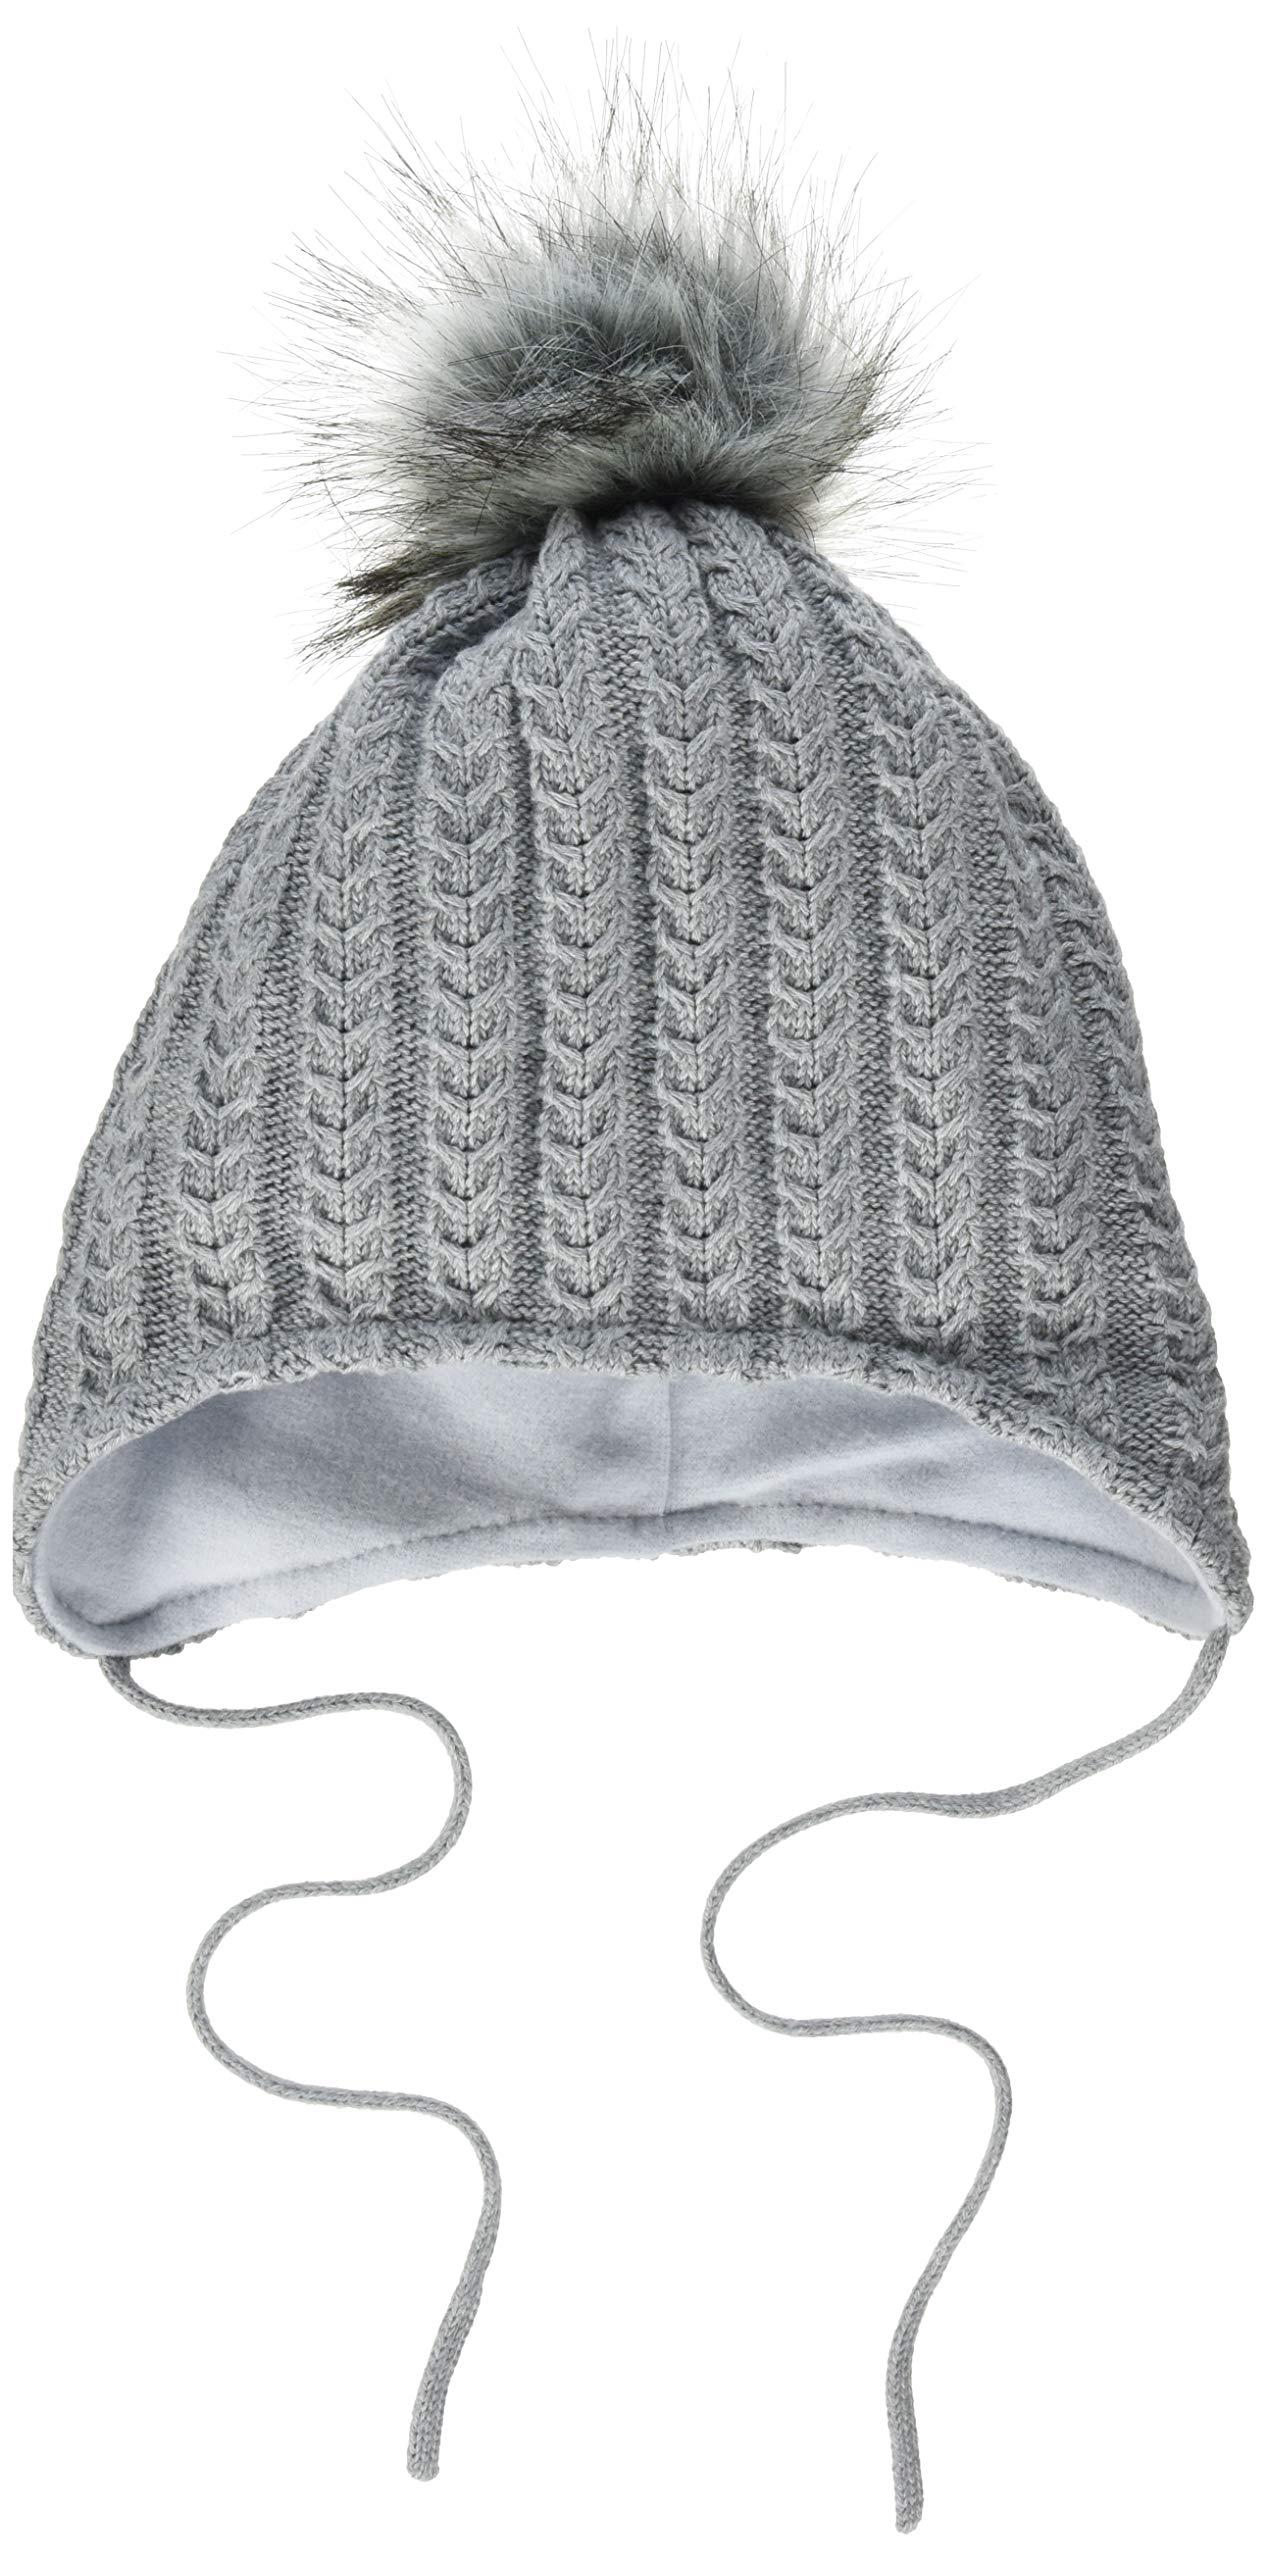 Sterntaler Mütze/Stirnband metallic